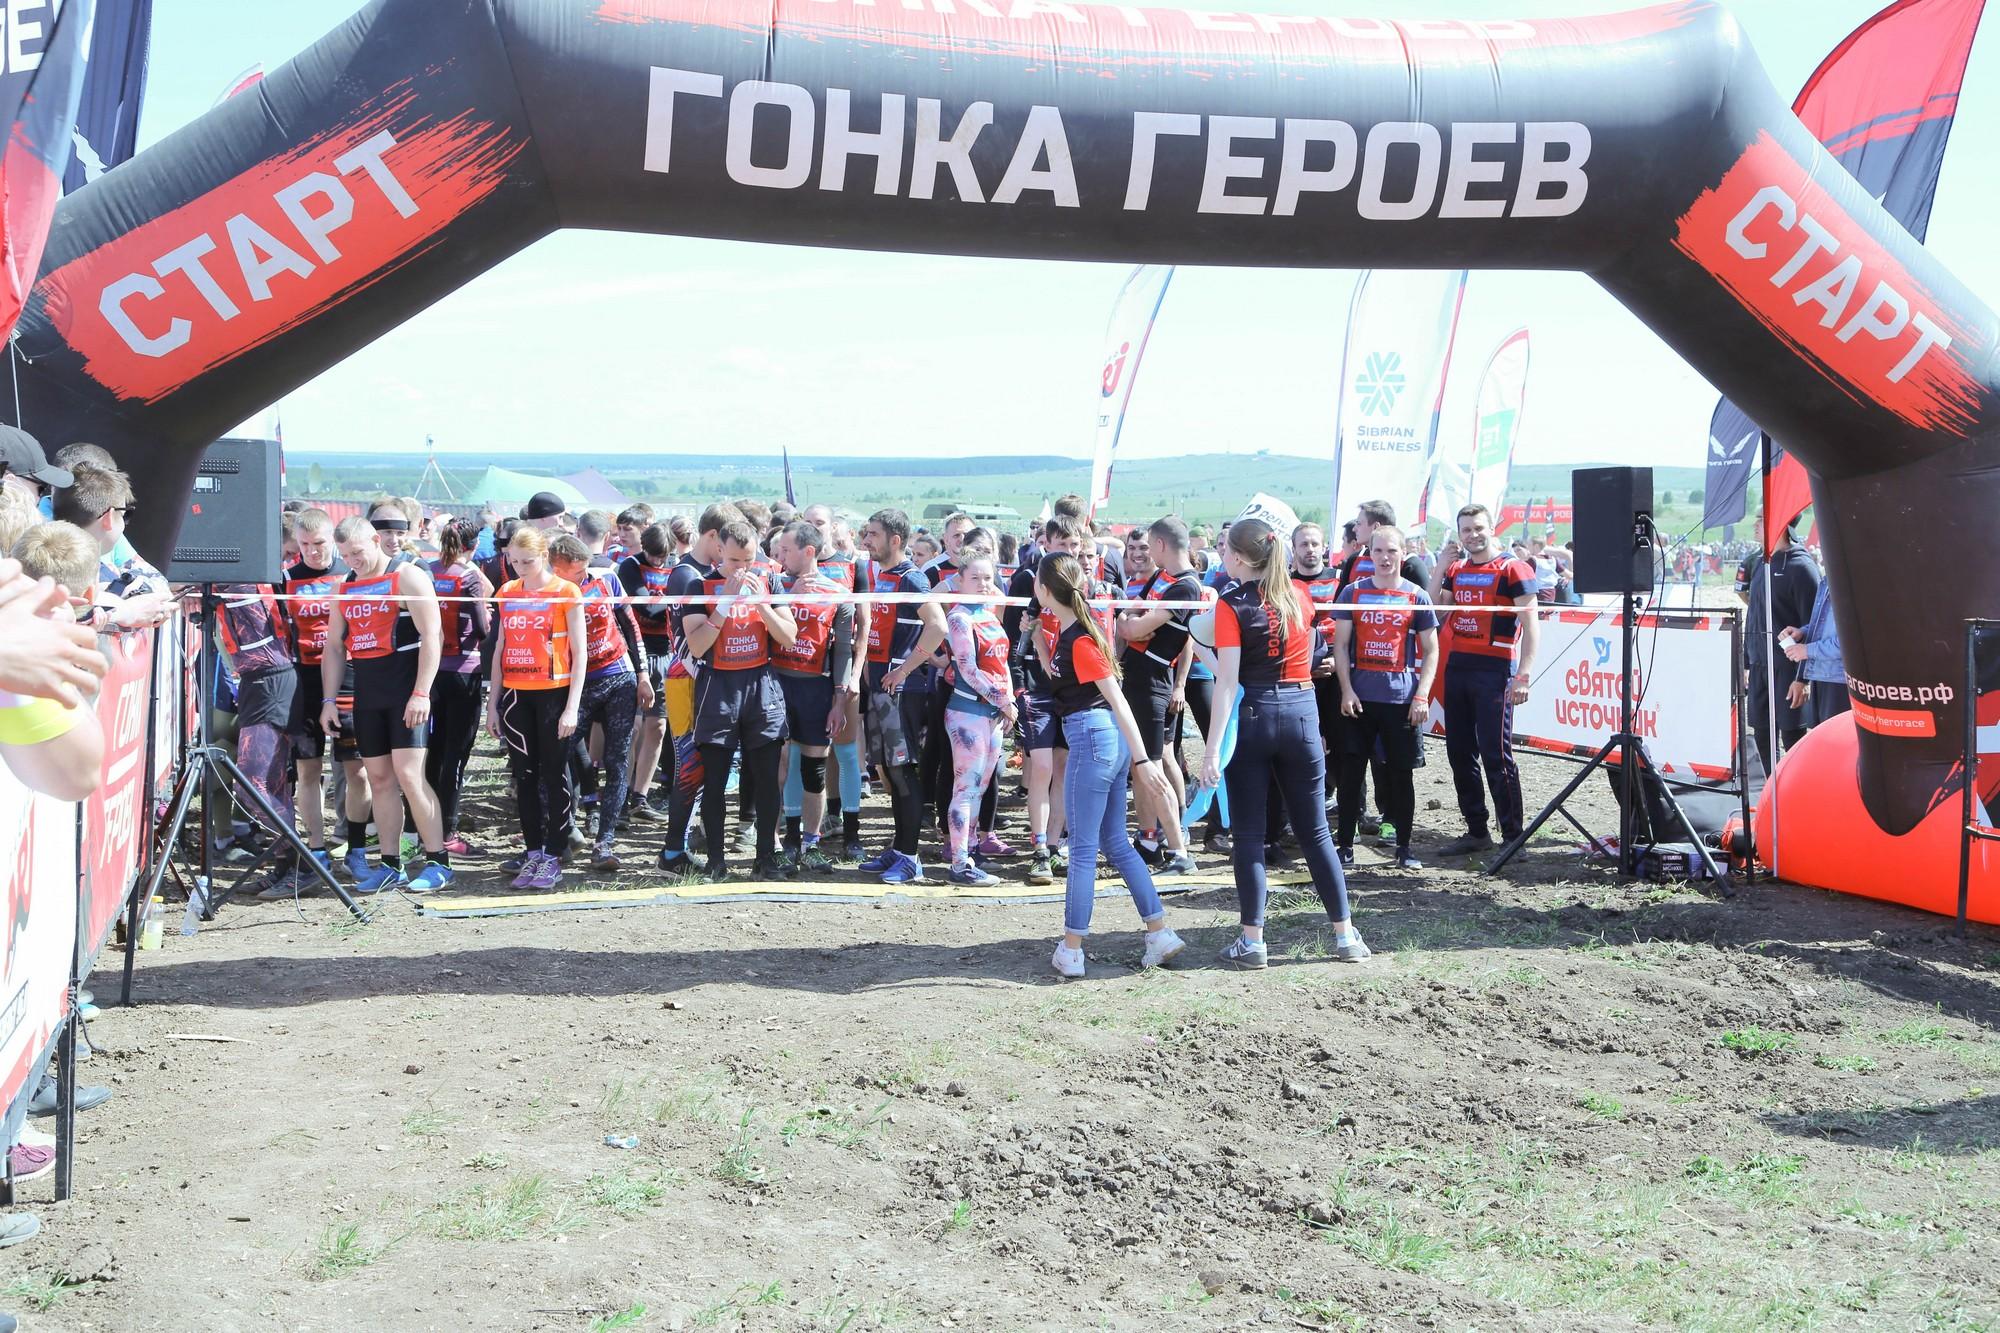 Молодые специалисты ГРЦ Макеева стали участниками «Гонки Героев-2019»